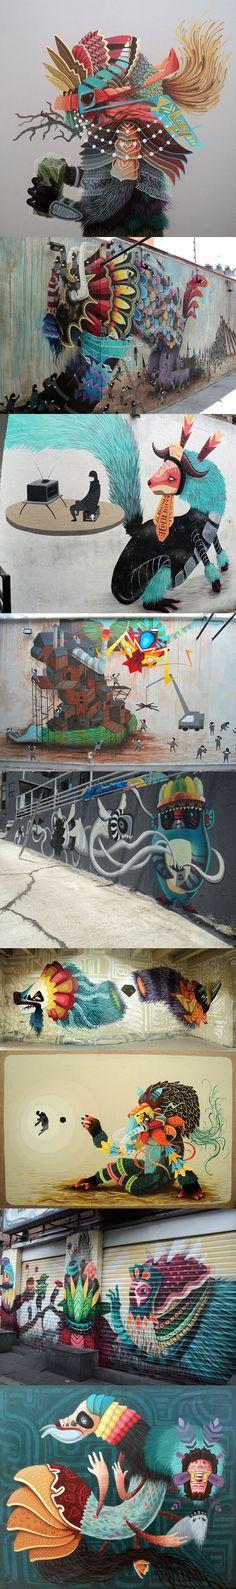 Les oeuvres murales de El Curiot (Mexique) absolument magnifique. Cela faisait un petit bout de temps que je n'avais pas eu un coup de foudre pour un travail aussi frais et coloré. A ne pas rater.